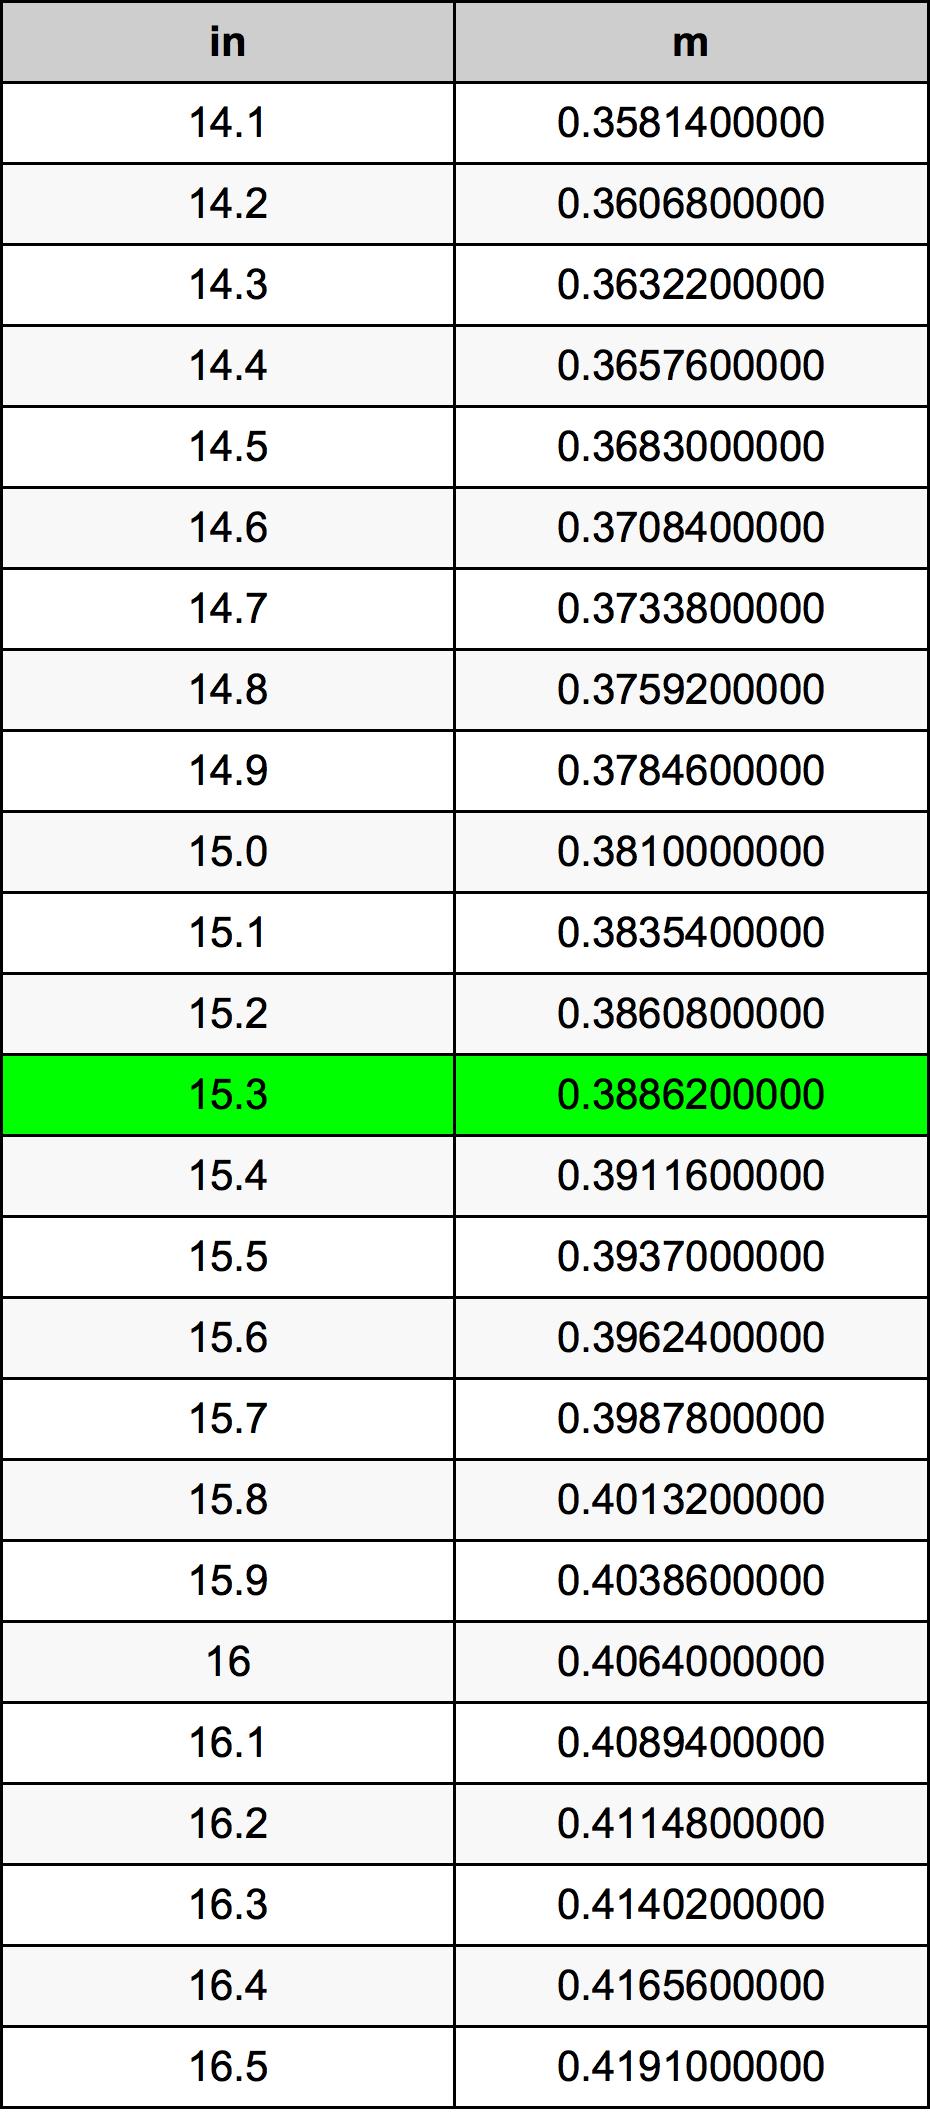 15.3 Țol tabelul de conversie